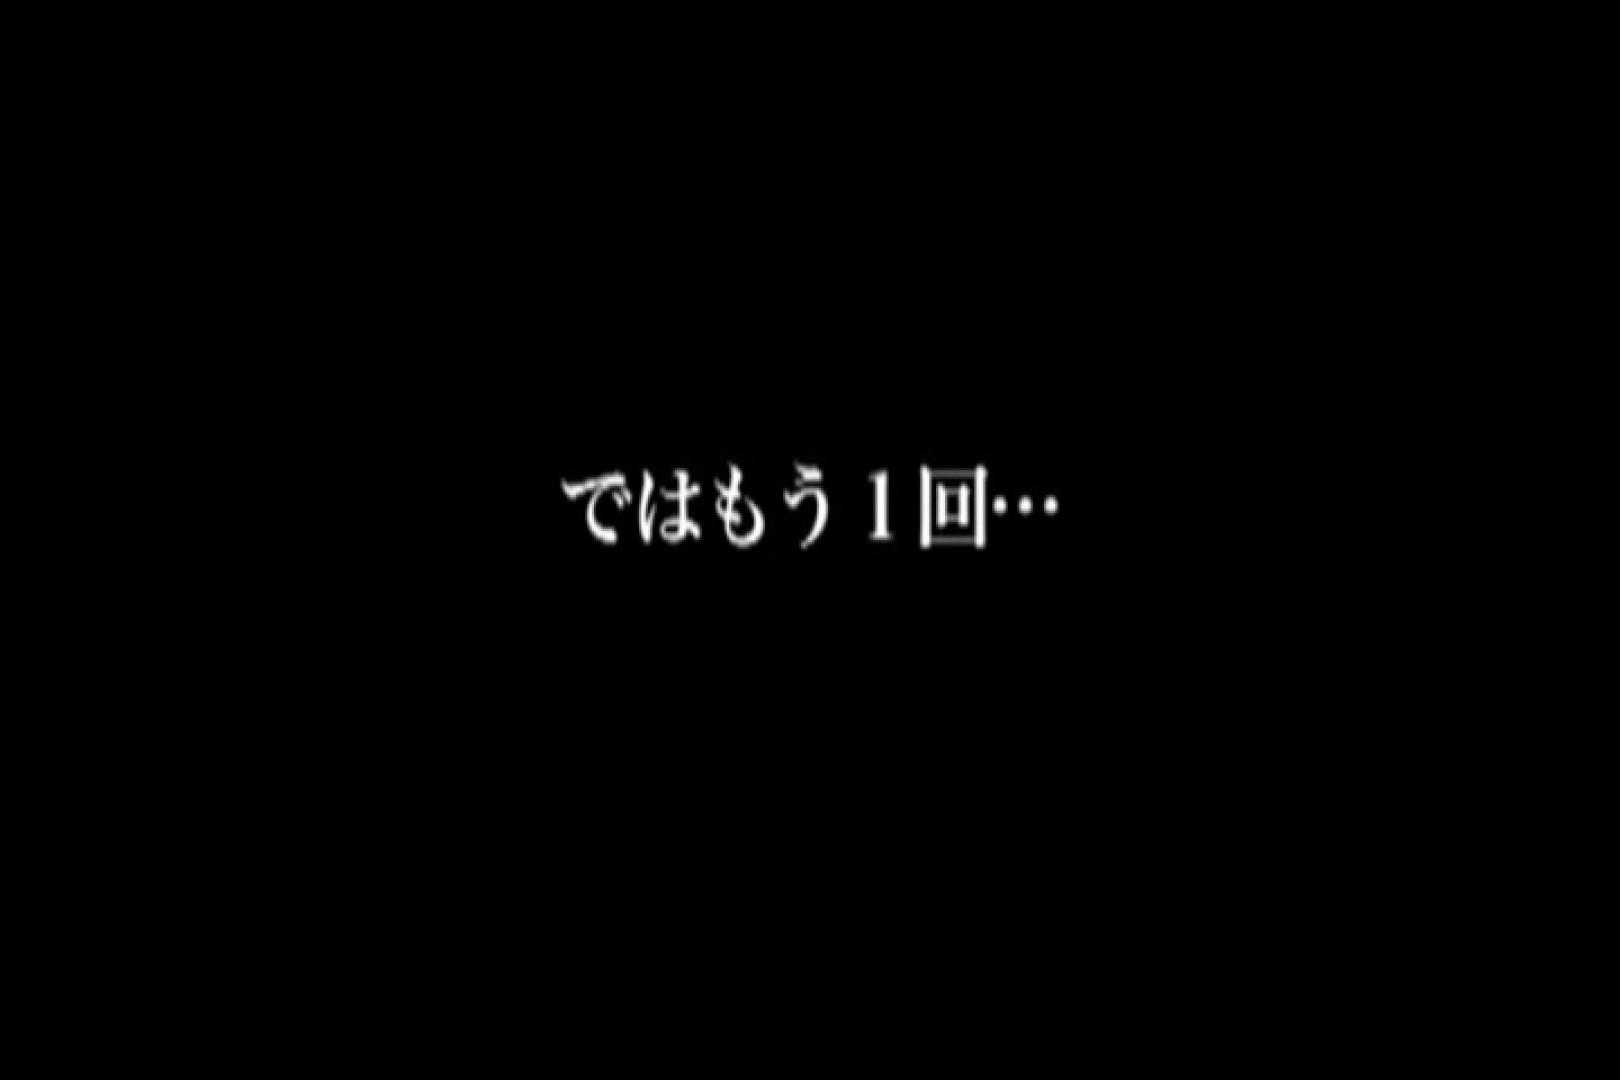 知らずにビックリ!!ケツマンエステサロン後編 マッサージ ゲイエロ動画 112枚 100